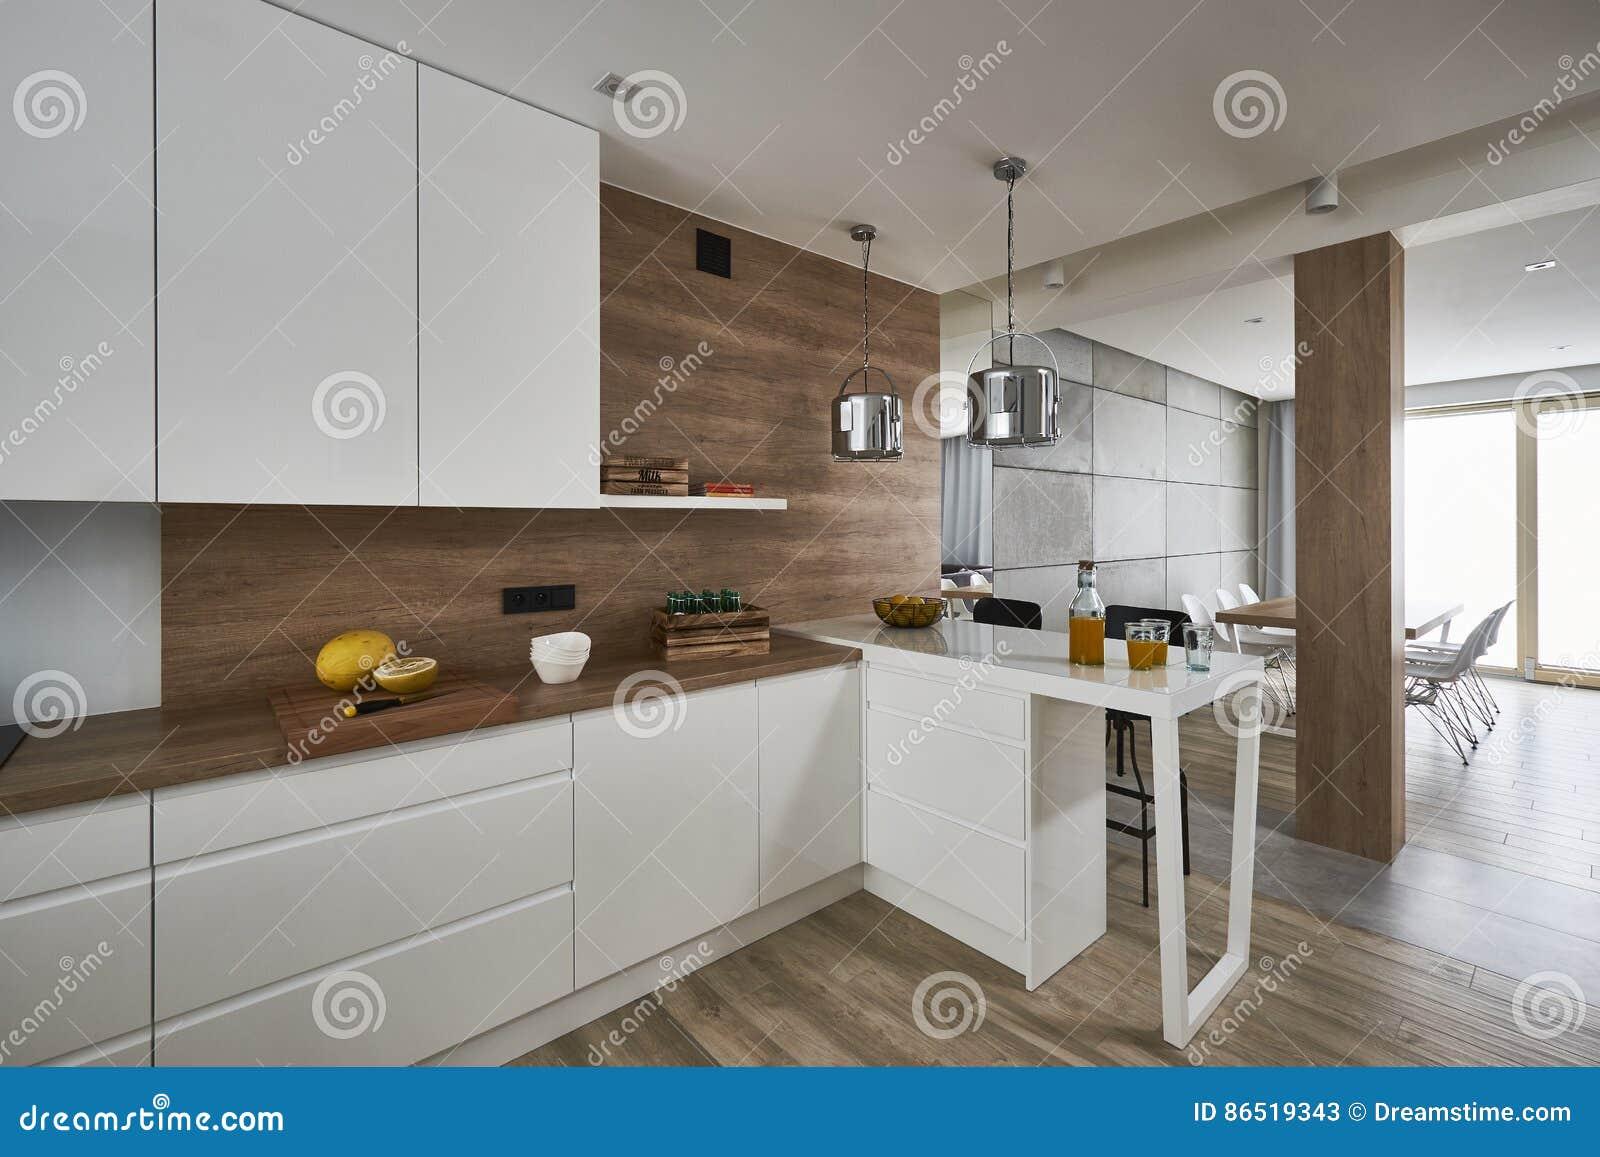 Cucina Moderna Con Le Pareti Bianche E Marroni Fotografia Stock ...